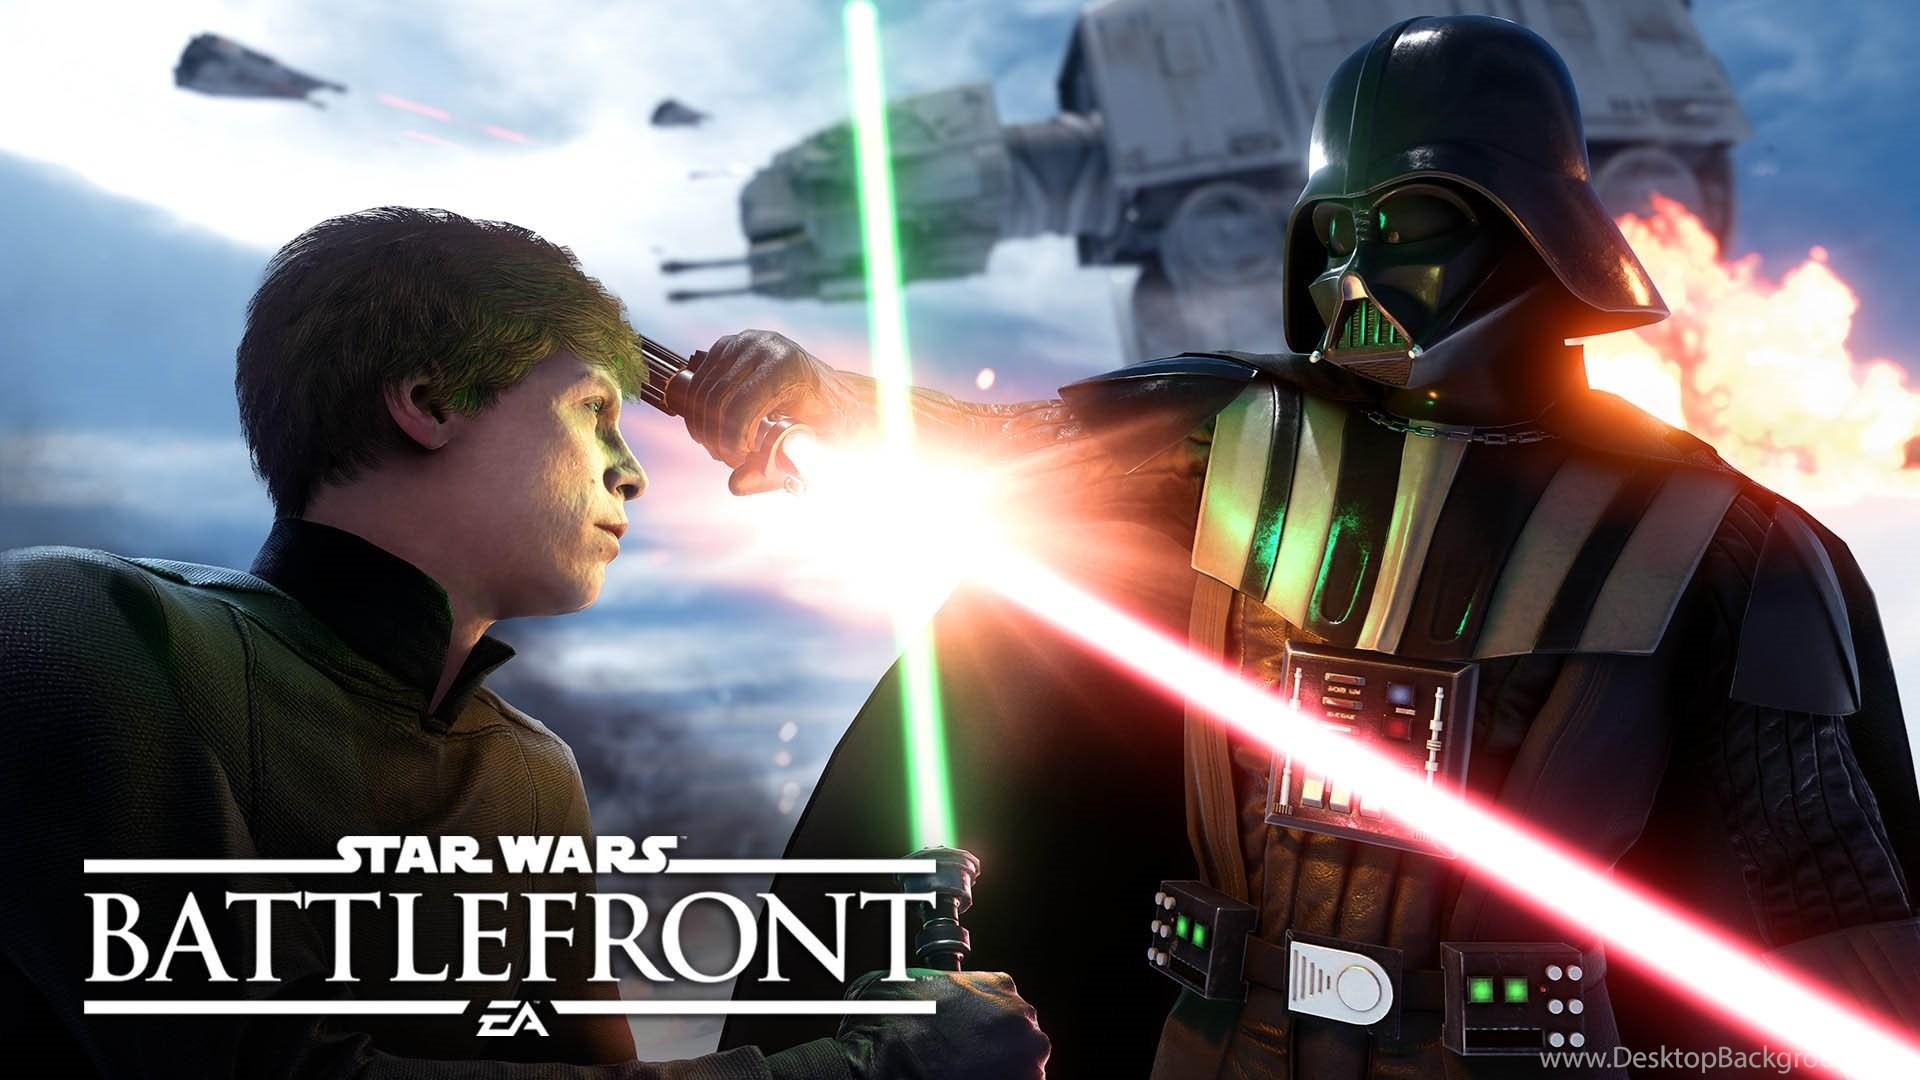 Luke Skywalker Vs Darth Vader Star Wars Battlefront 1920x1080 Desktop Background